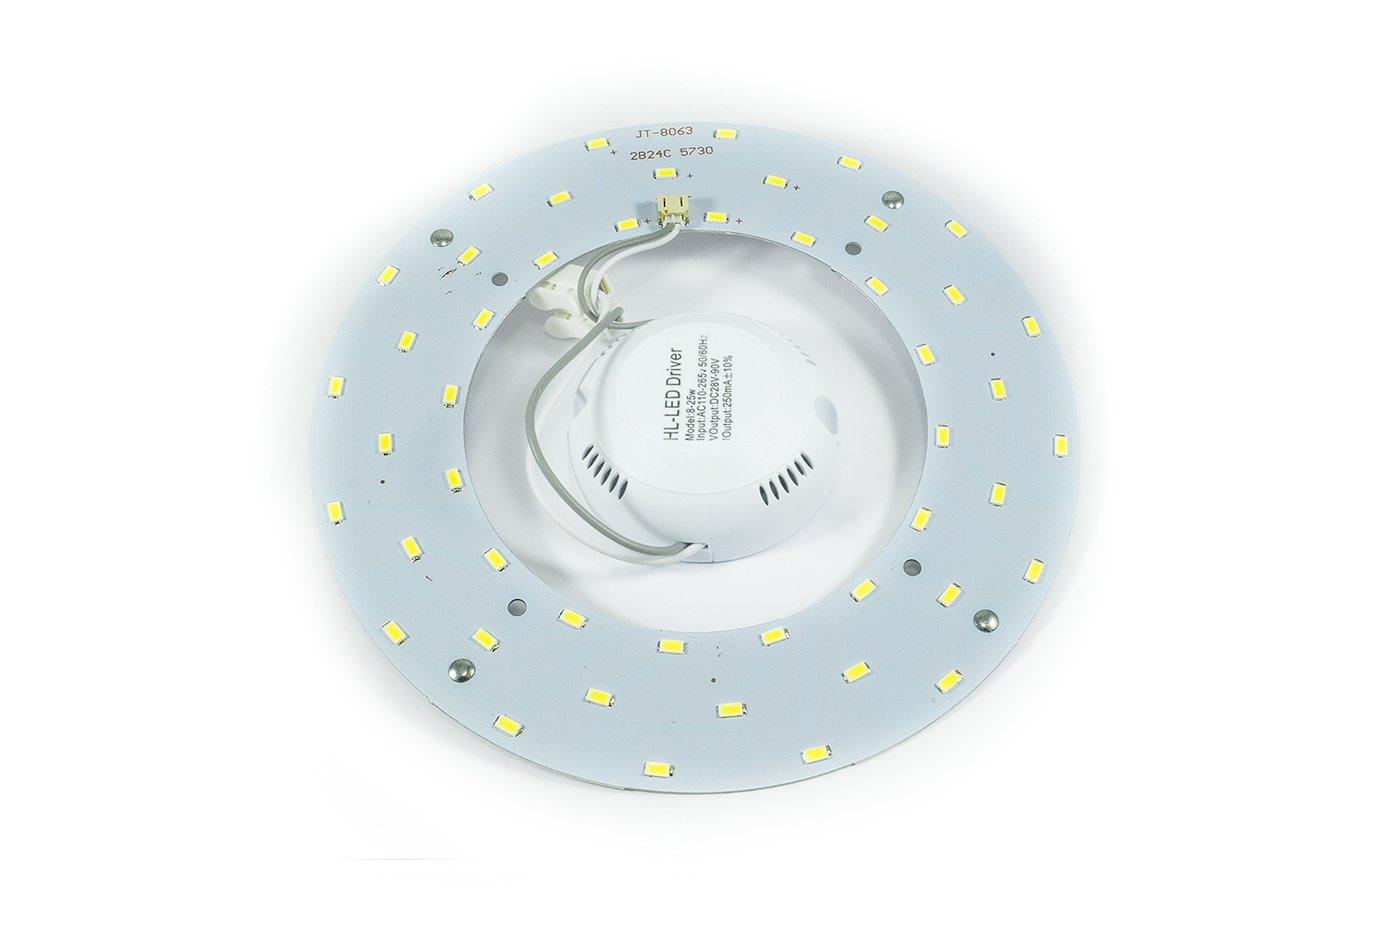 Ricambi Per Plafoniere Neon : Piastra a led circolare k luce naturale per sostituzione e